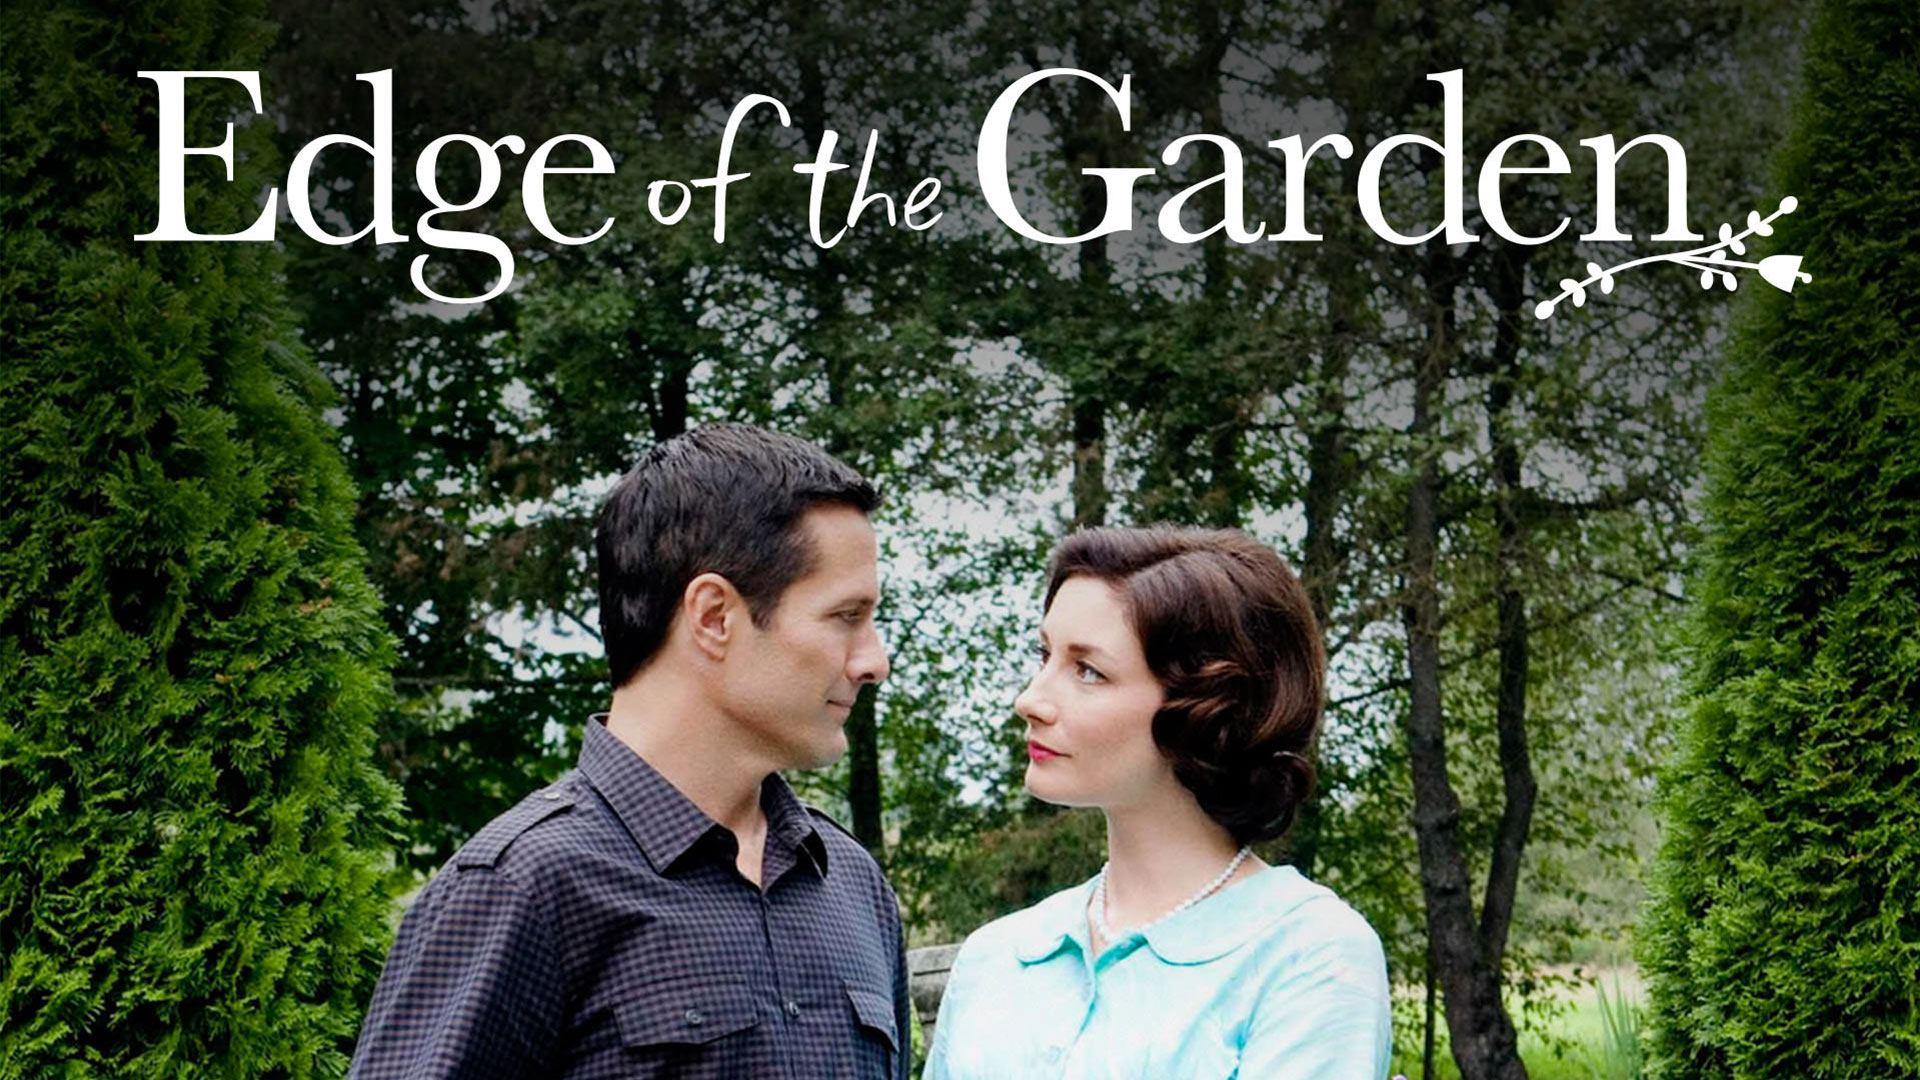 Edge of the Garden